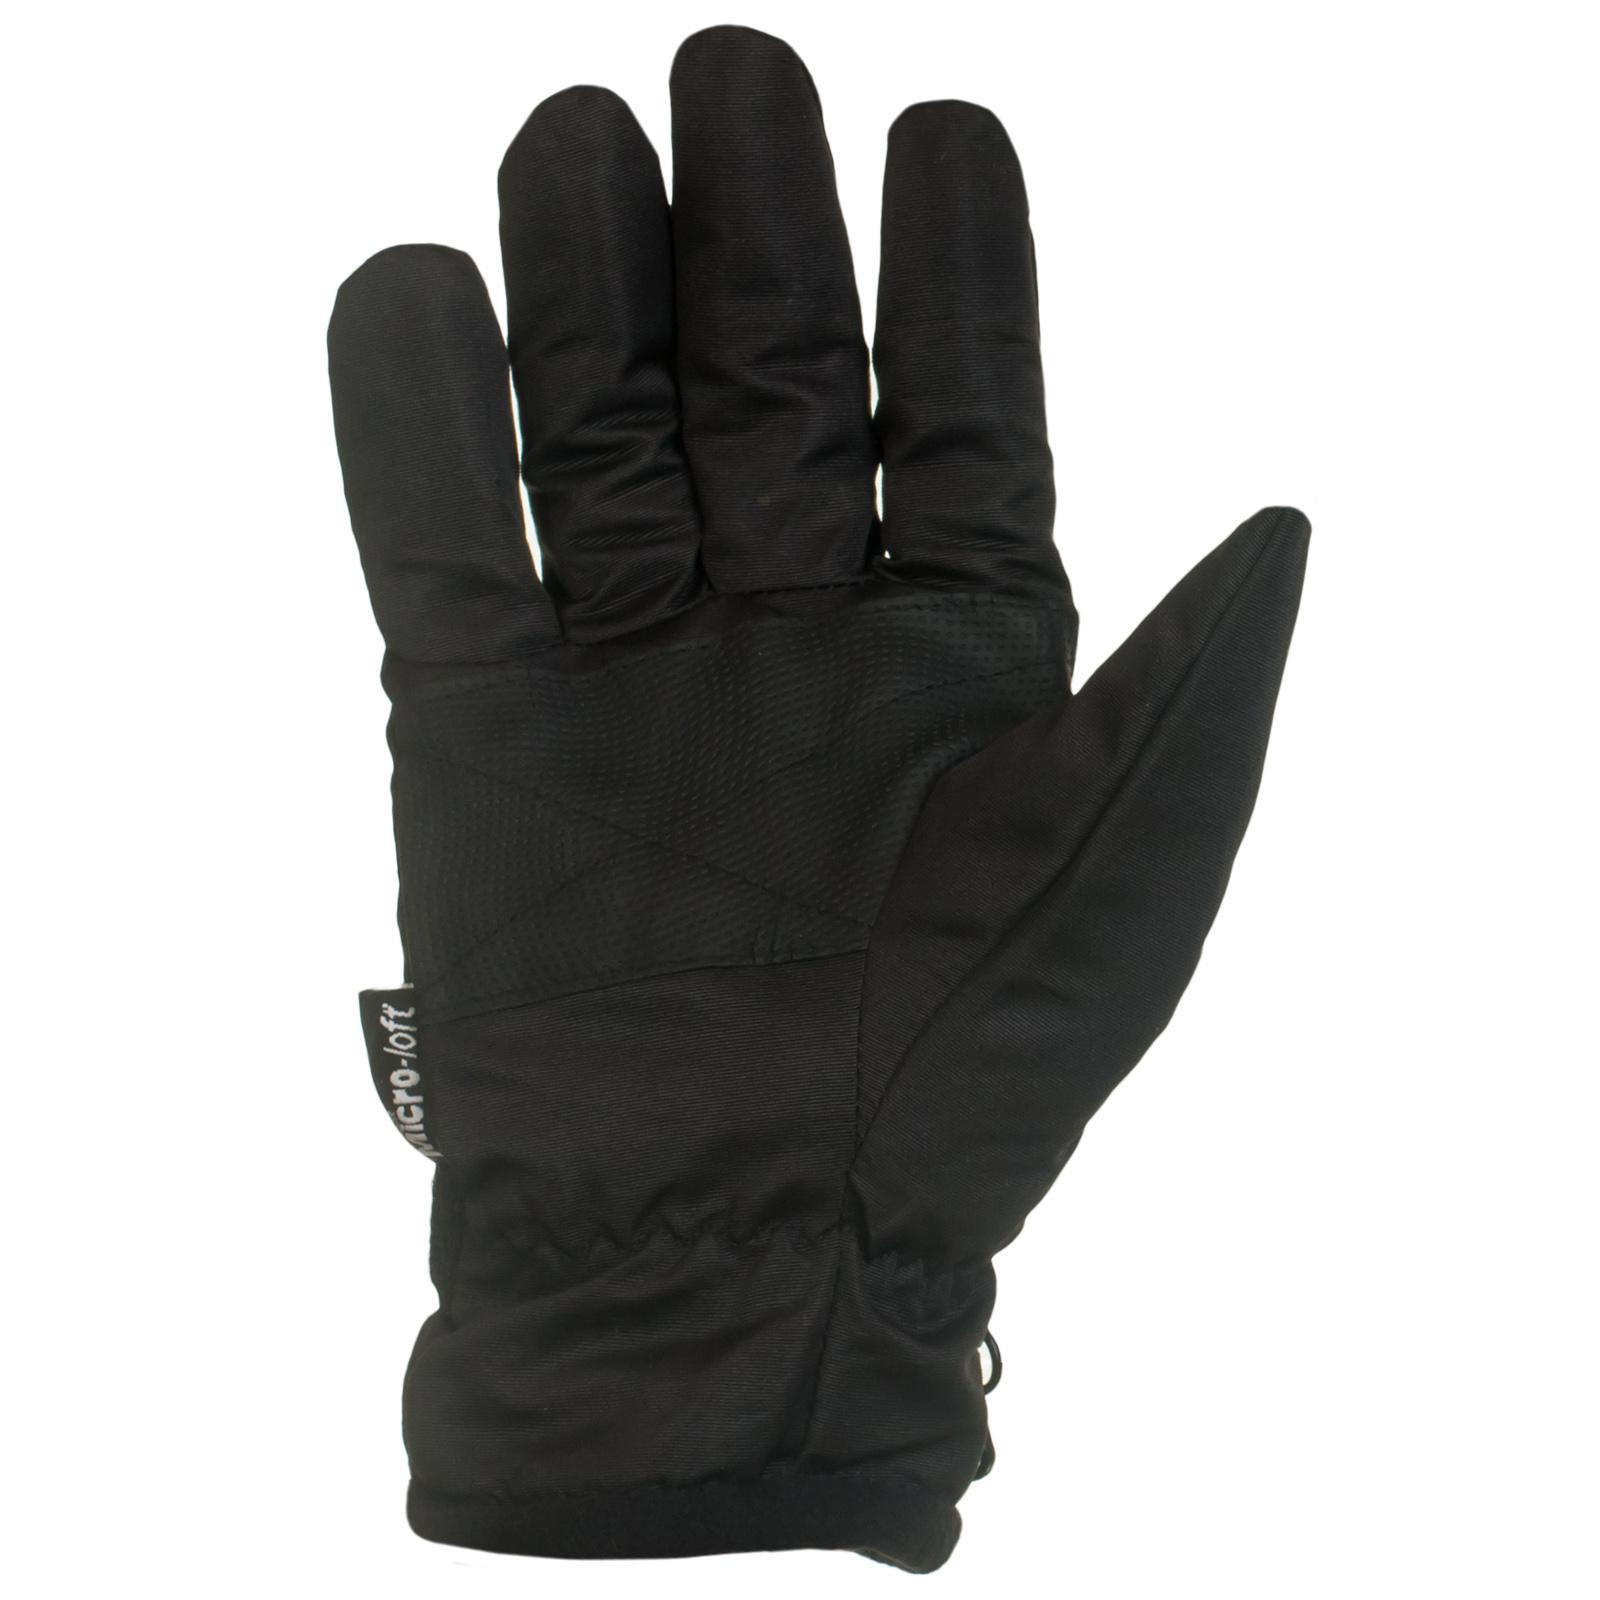 Купить зачетные темные перчатки оптом или в розницу